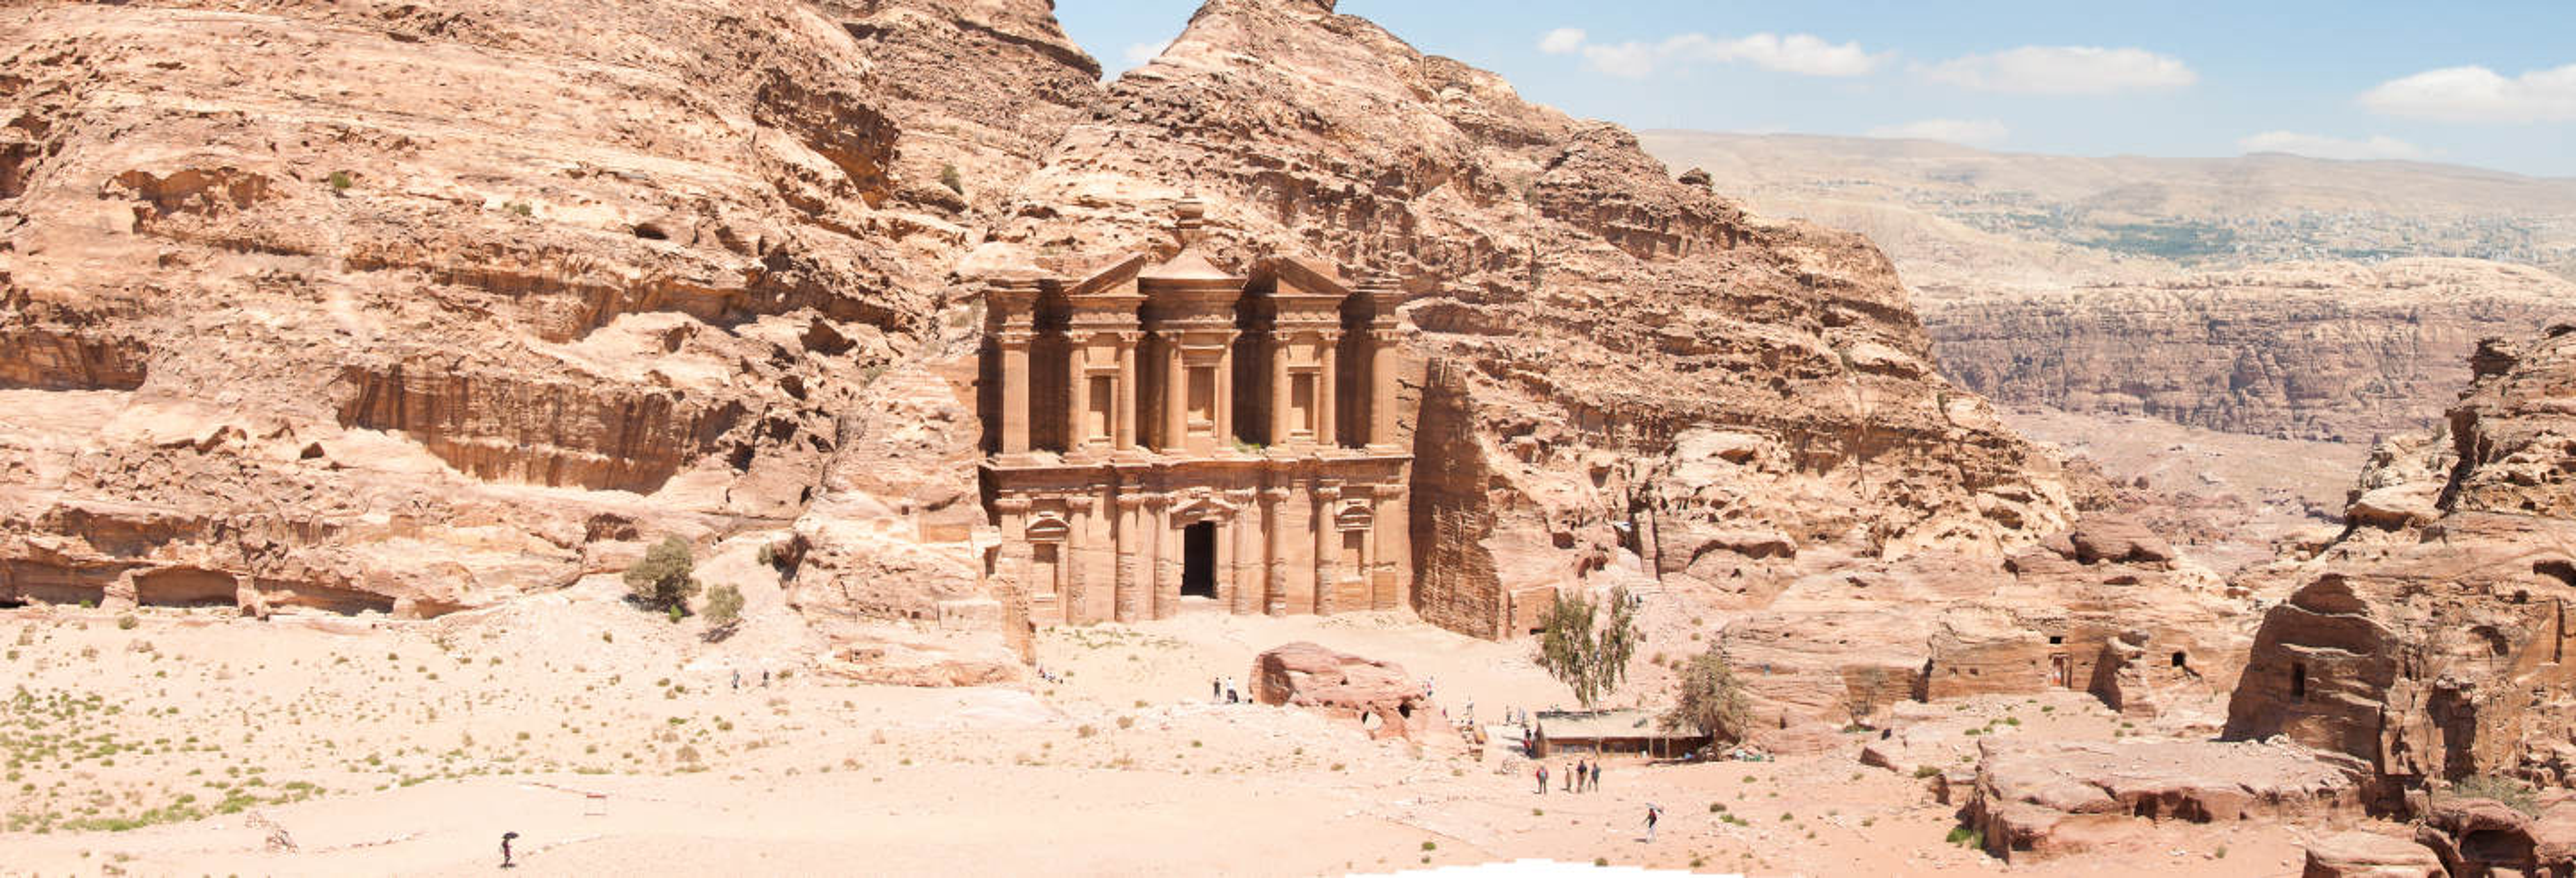 Tour completo pela Jordânia em 8 dias